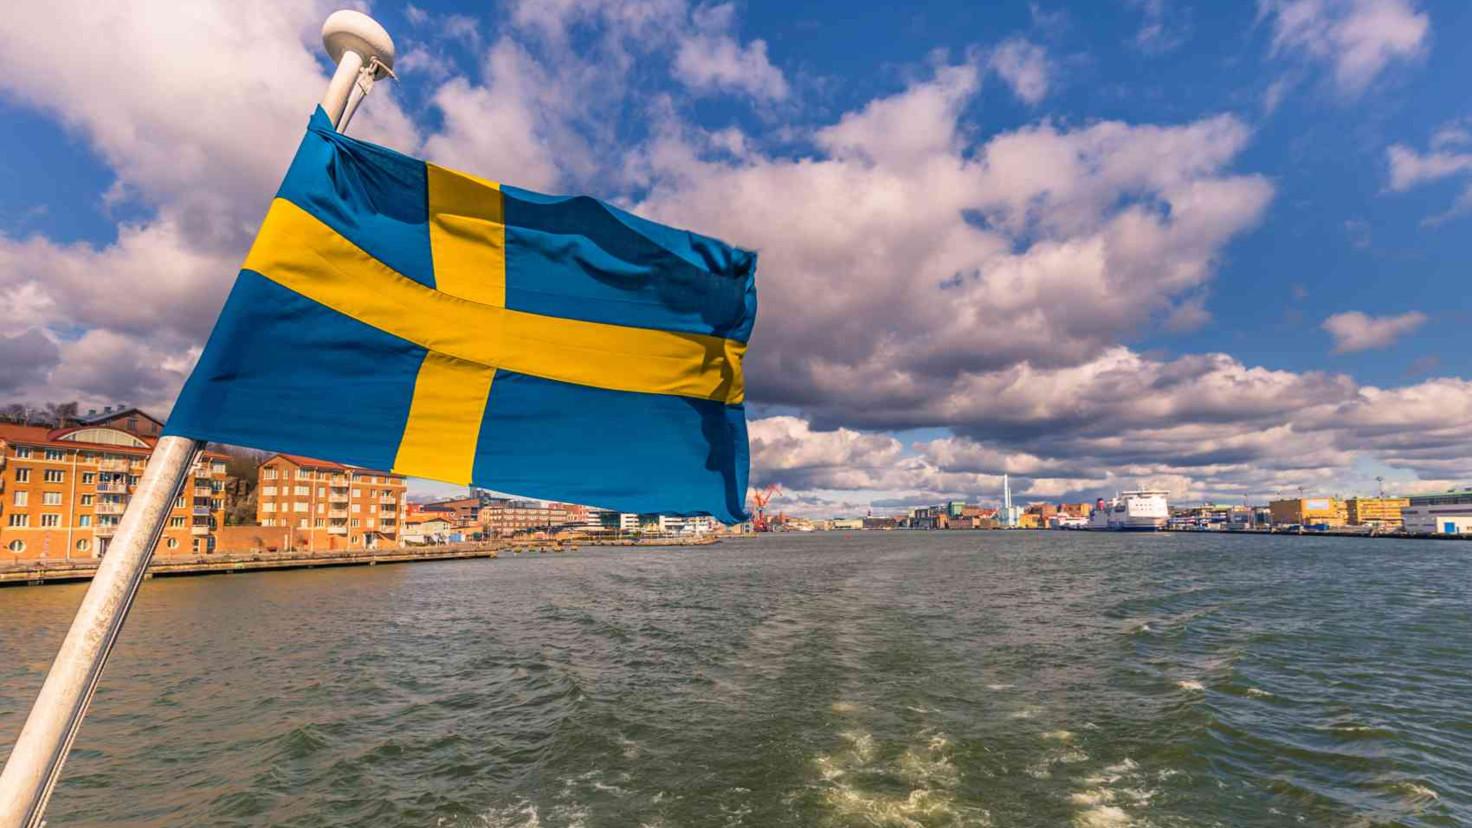 Banco Central de Suecia pone en marcha un proyecto piloto para probar su moneda digital